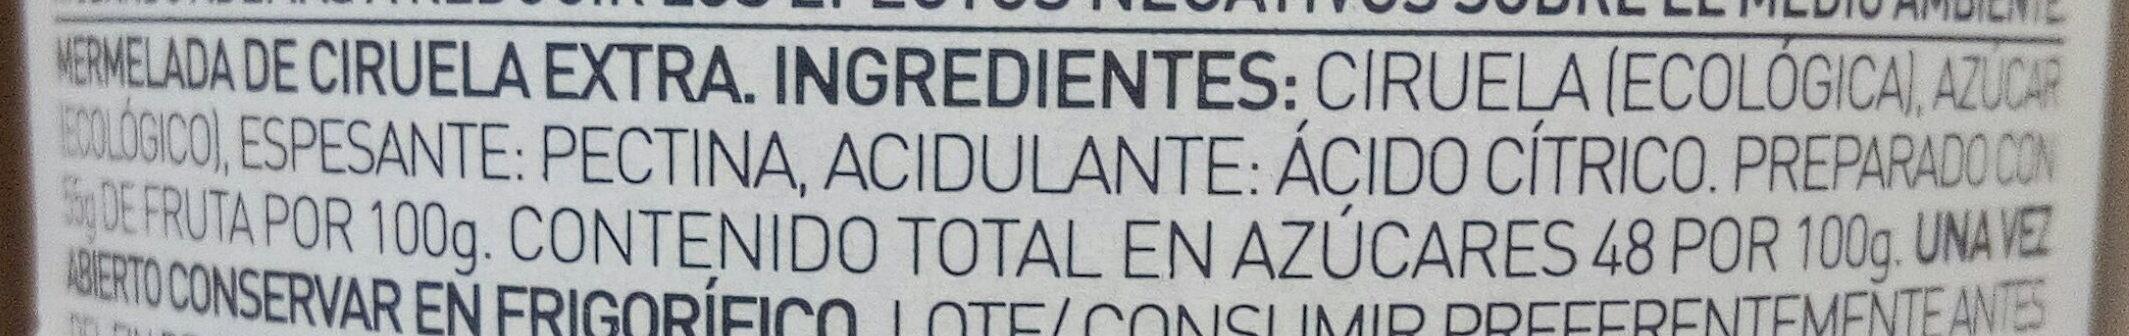 Mermelada de ciruela extra ecológica - Ingredientes